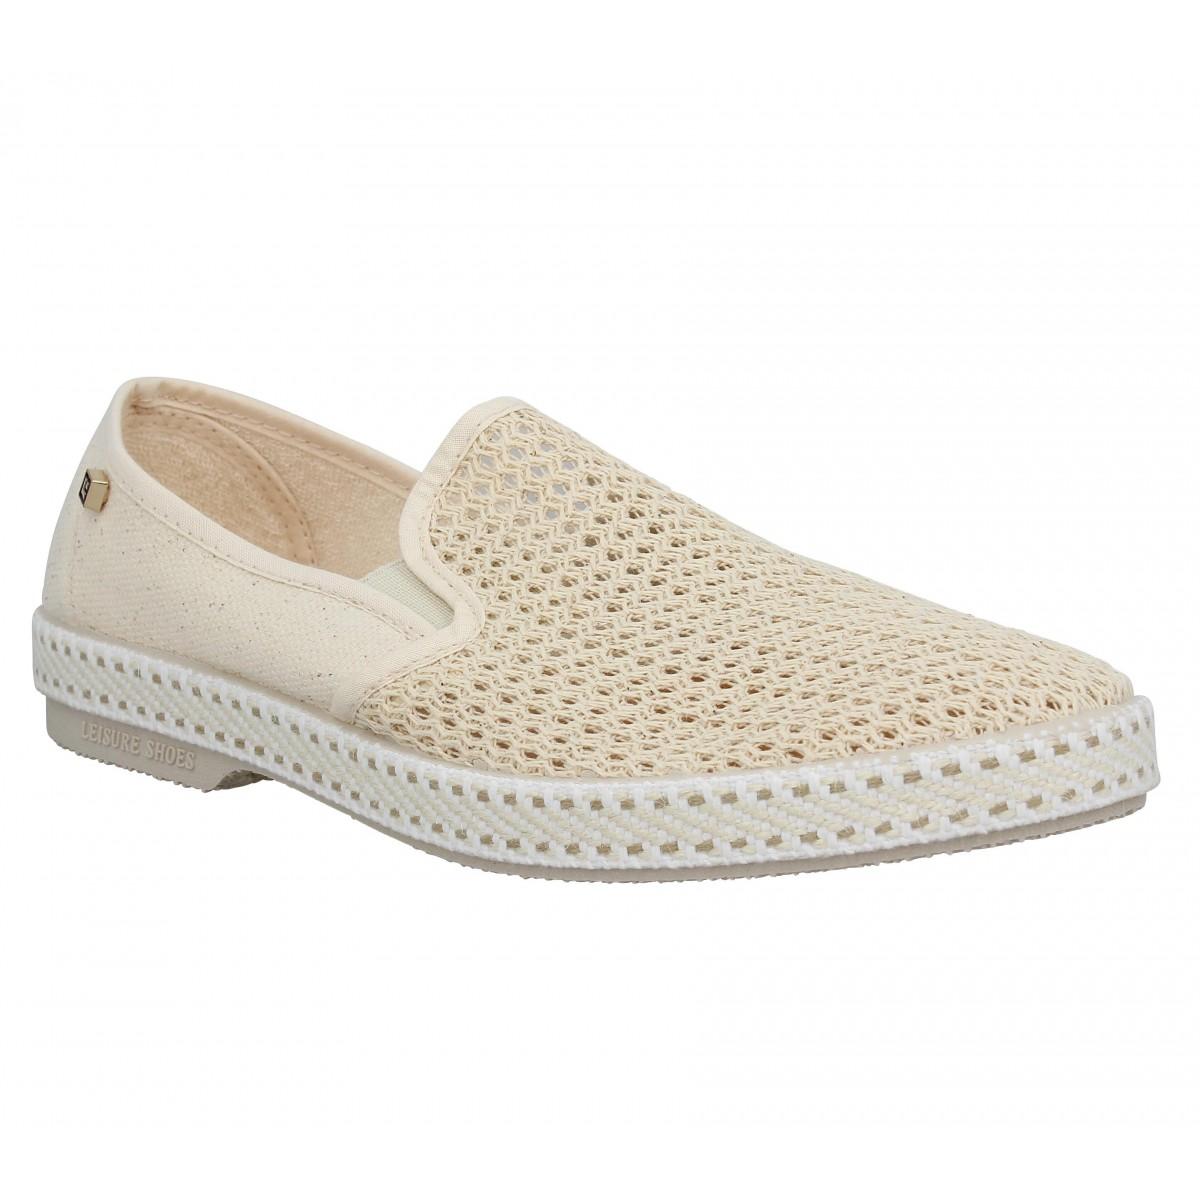 chaussures de sport b9a9a 5c6a8 RIVIERAS Classic 20 toile Beige